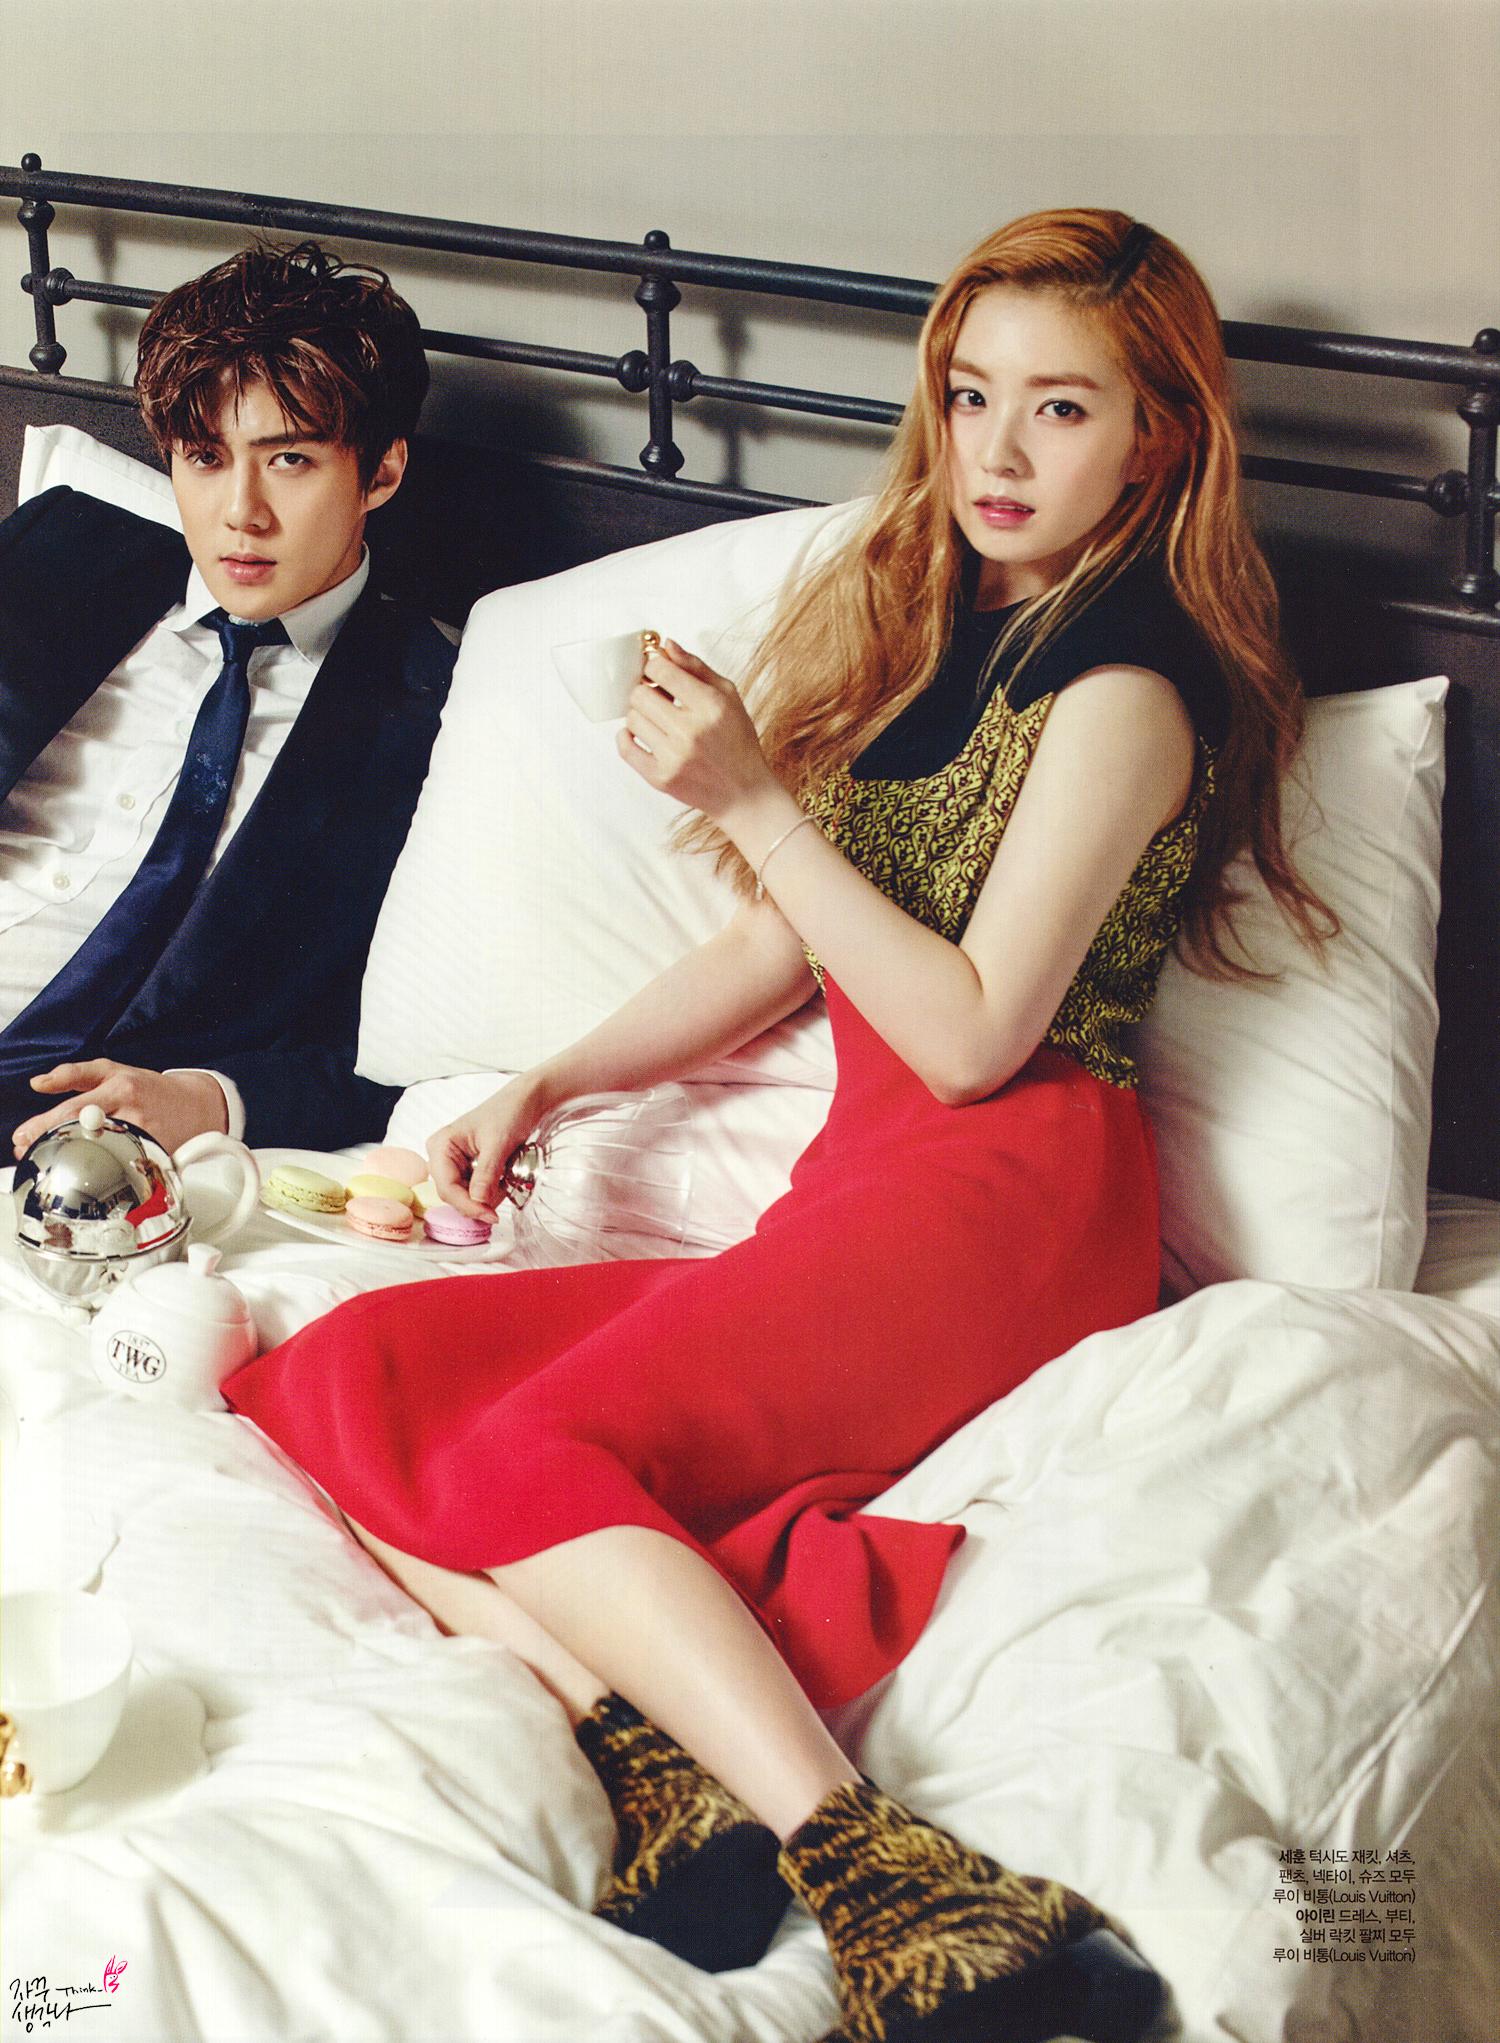 Red Velvet Irene And Exo Sehun Dating